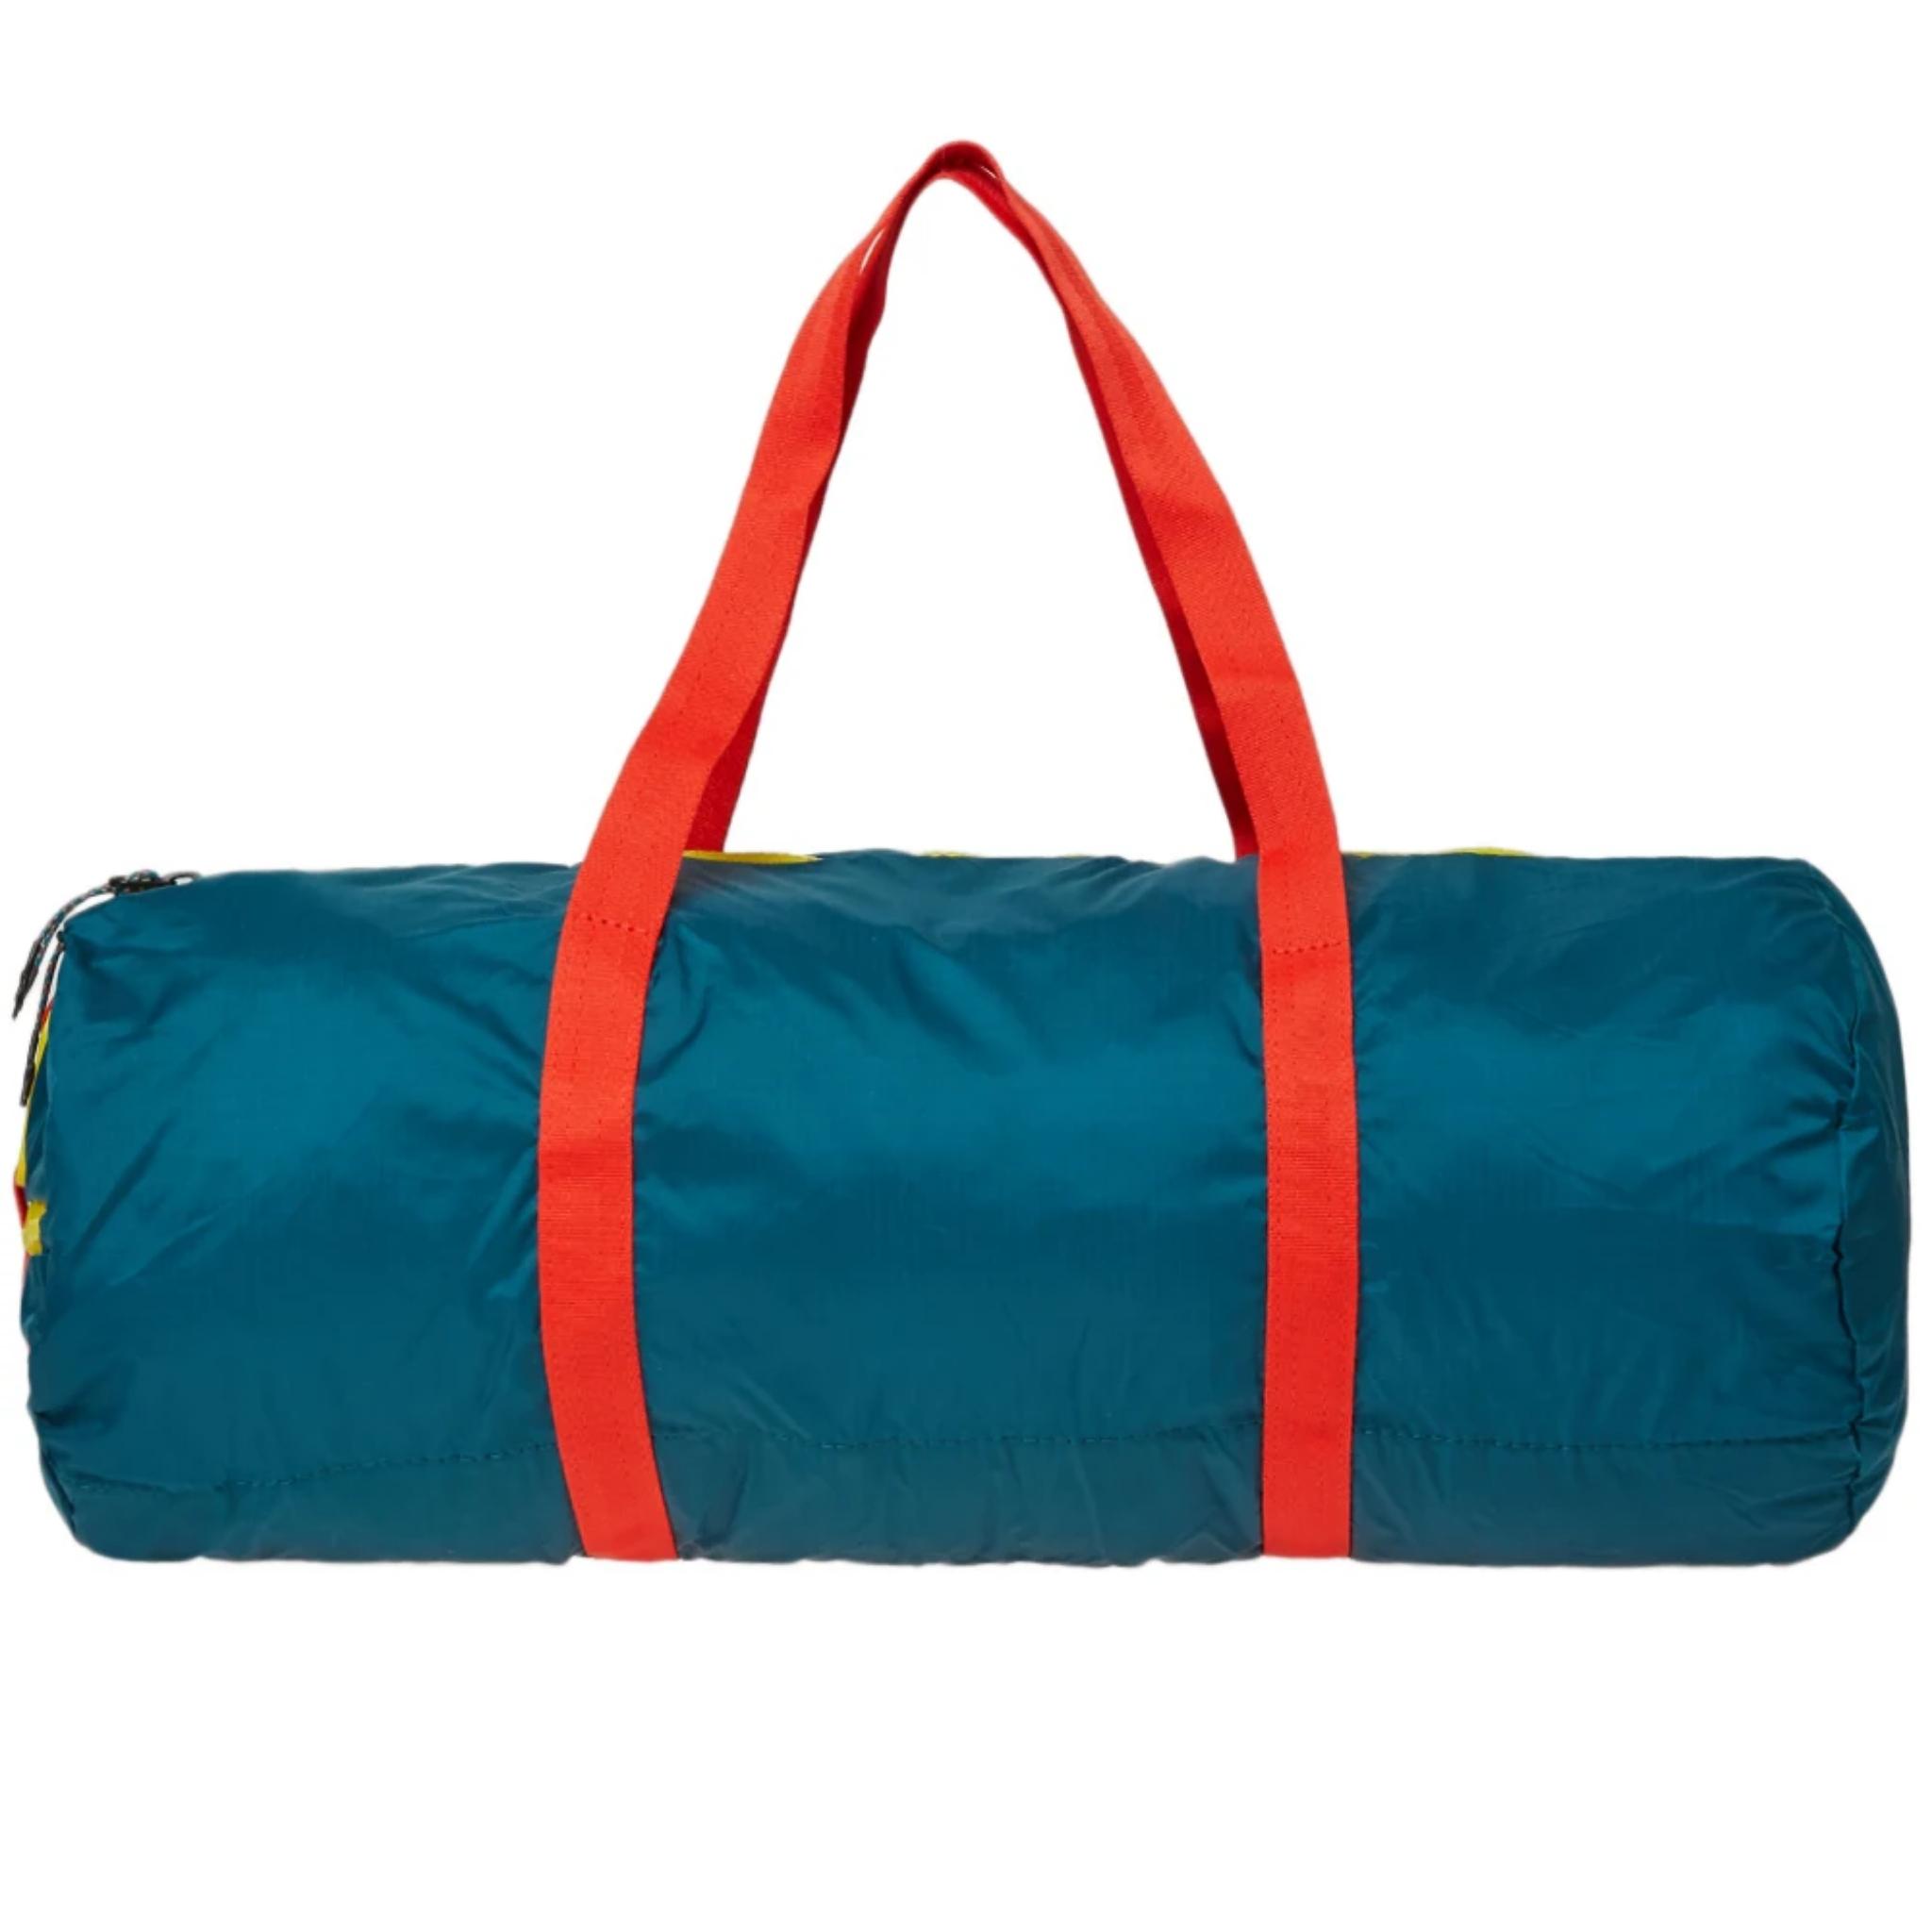 کیف دستی نایکی مدل OCG PACKABLE DUFF -  - 3